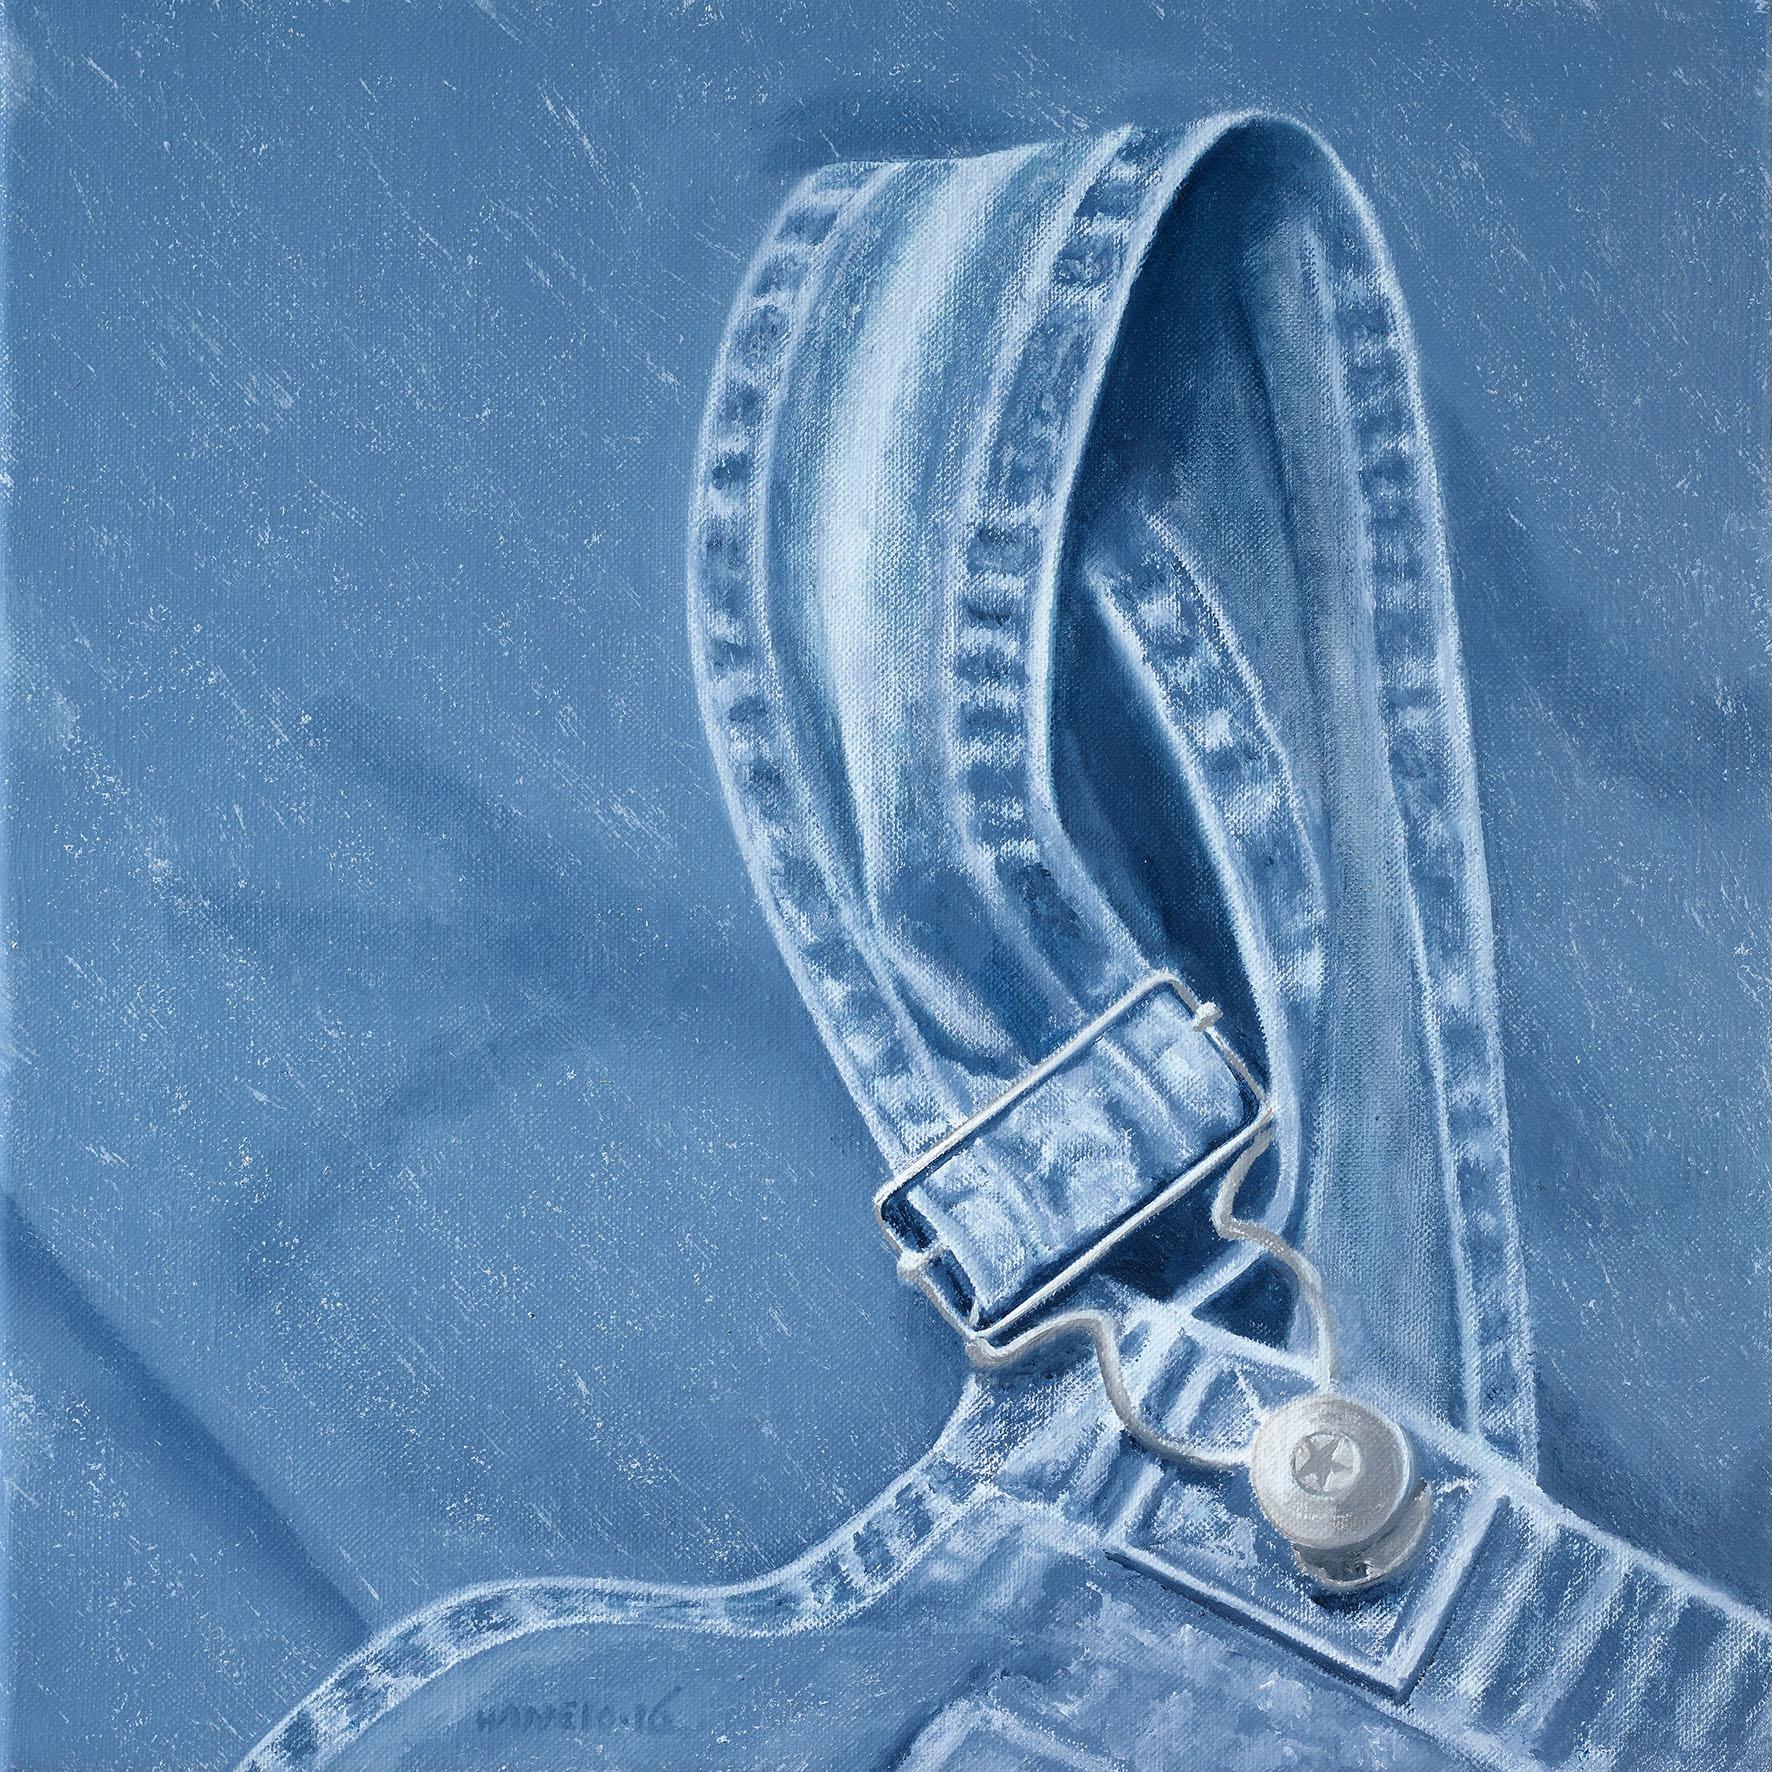 Farmer Jeans -  Available